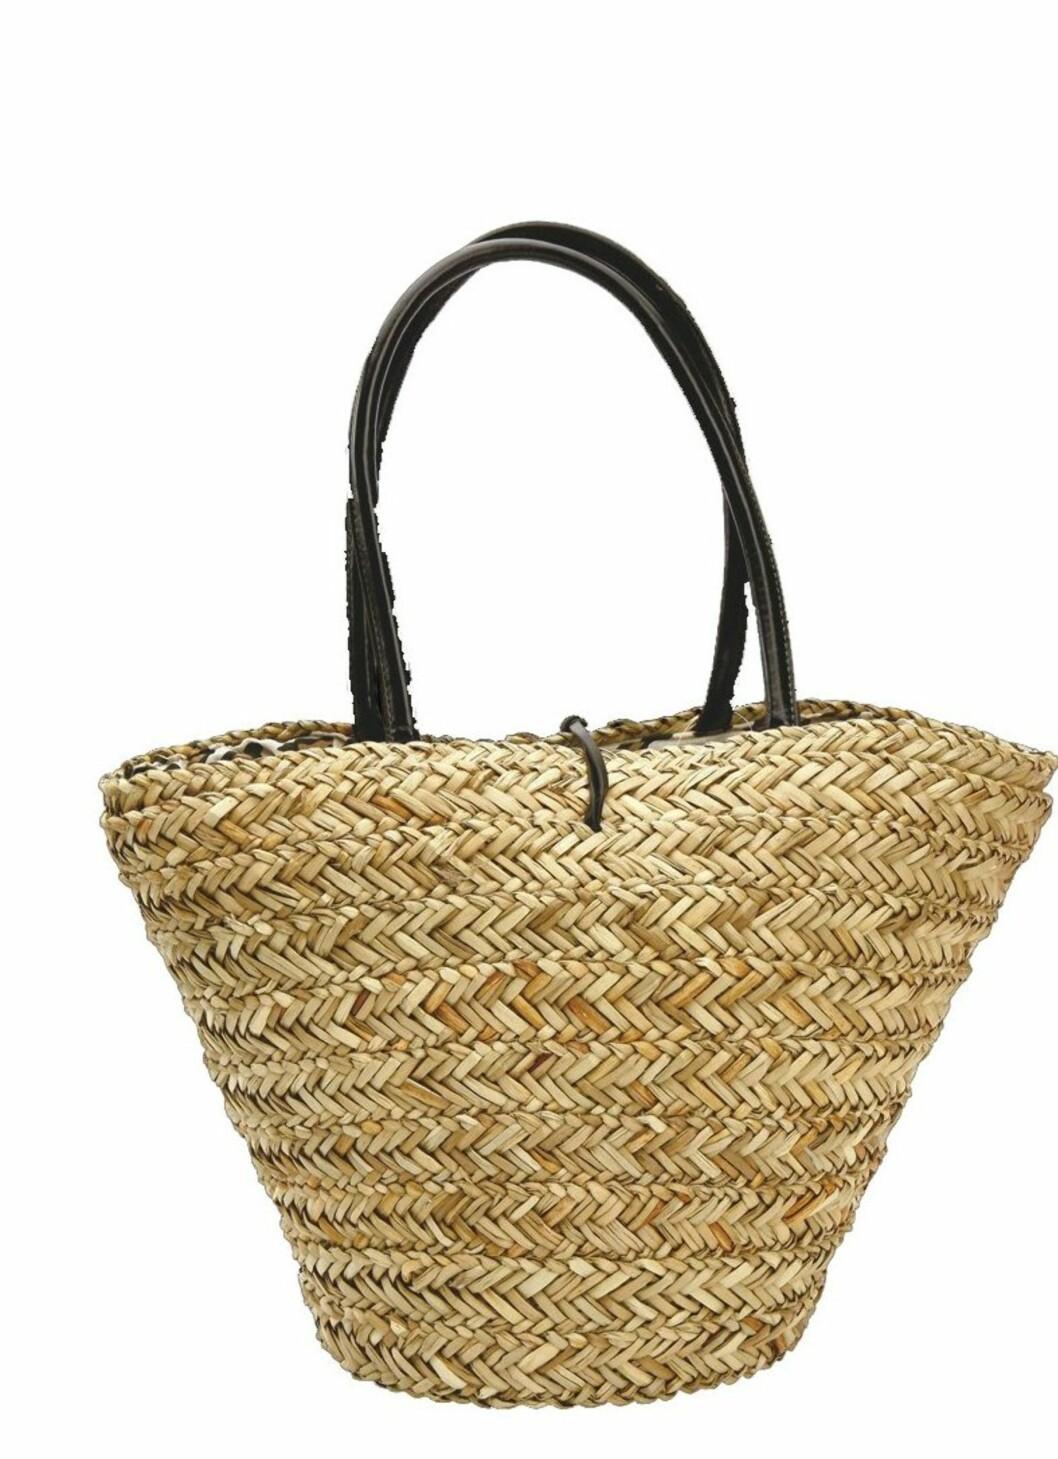 Strandbagen er selvsagt et must (kr 200, Lindex).